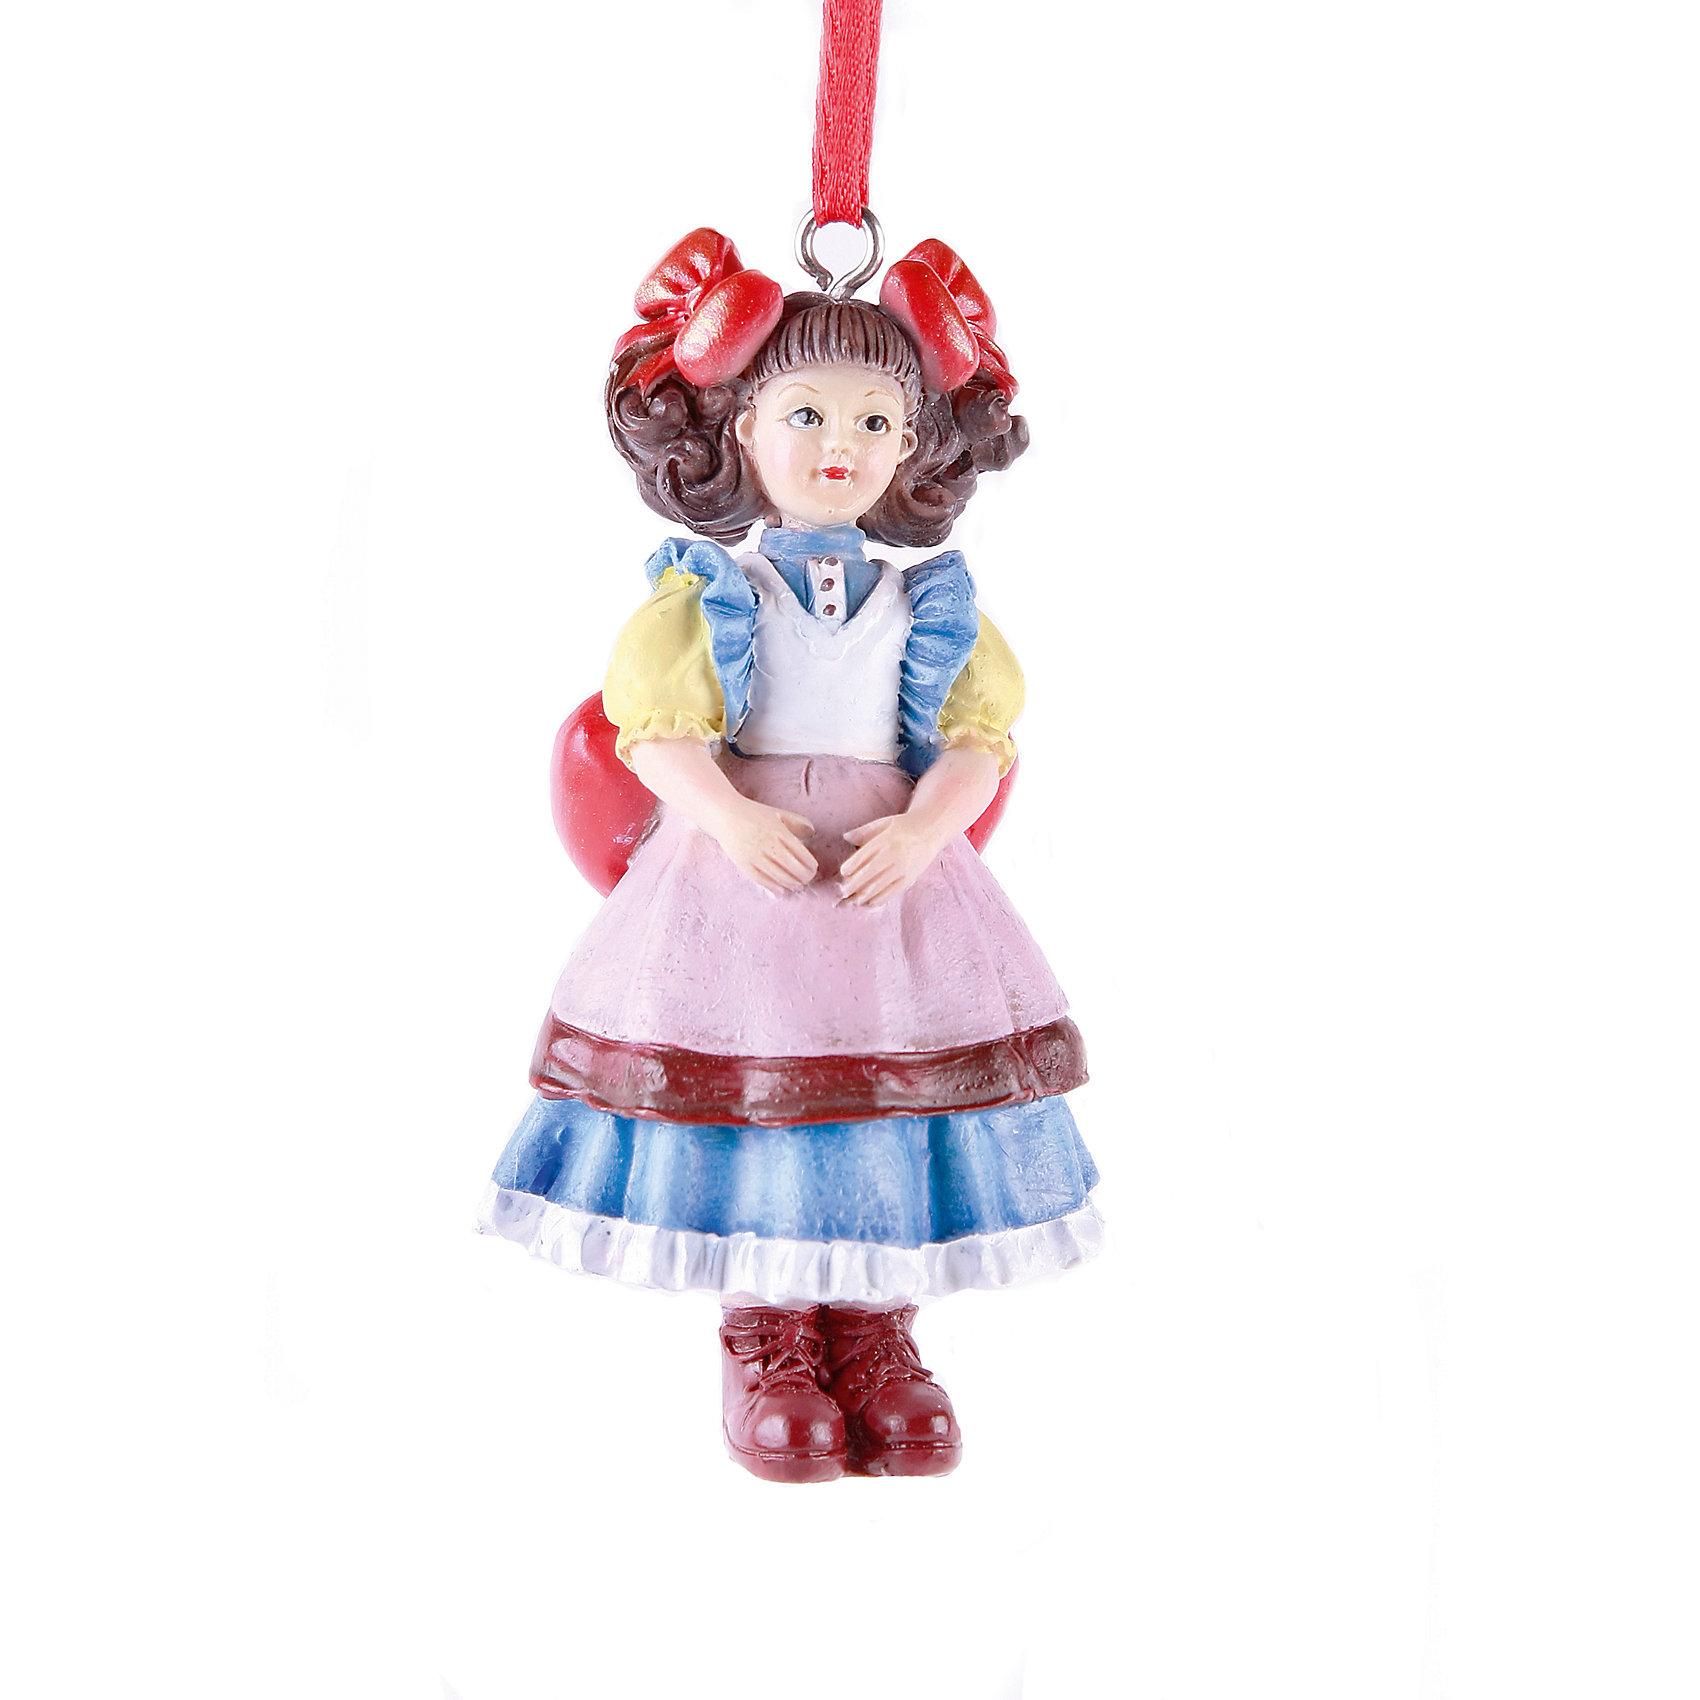 Украшение КуклаУкрашение Кукла – это декоративное новогоднее украшение замечательно украсит интерьер.<br>Яркое новогоднее подвесное украшение Кукла выполнено из полирезины. С помощью ленточки украшение можно повесить в любое понравившееся место. Но, конечно, удачнее всего такая игрушка будет смотреться на праздничной елке. Новогодние украшения приносят в дом волшебство и ощущение праздника. Создайте в своем доме атмосферу веселья и радости, украшая новогоднюю елку нарядными игрушками, которые будут из года в год накапливать теплоту воспоминаний.<br><br>Дополнительная информация:<br><br>- Размер: 4,5 х 4 х 9 см.<br>- Материал: полирезина<br><br>Украшение Кукла принесет в ваш дом ни с чем несравнимое ощущение волшебства!<br><br>Украшение Кукла можно купить в нашем интернет-магазине.<br><br>Ширина мм: 45<br>Глубина мм: 50<br>Высота мм: 110<br>Вес г: 100<br>Возраст от месяцев: 36<br>Возраст до месяцев: 2147483647<br>Пол: Унисекс<br>Возраст: Детский<br>SKU: 4276481